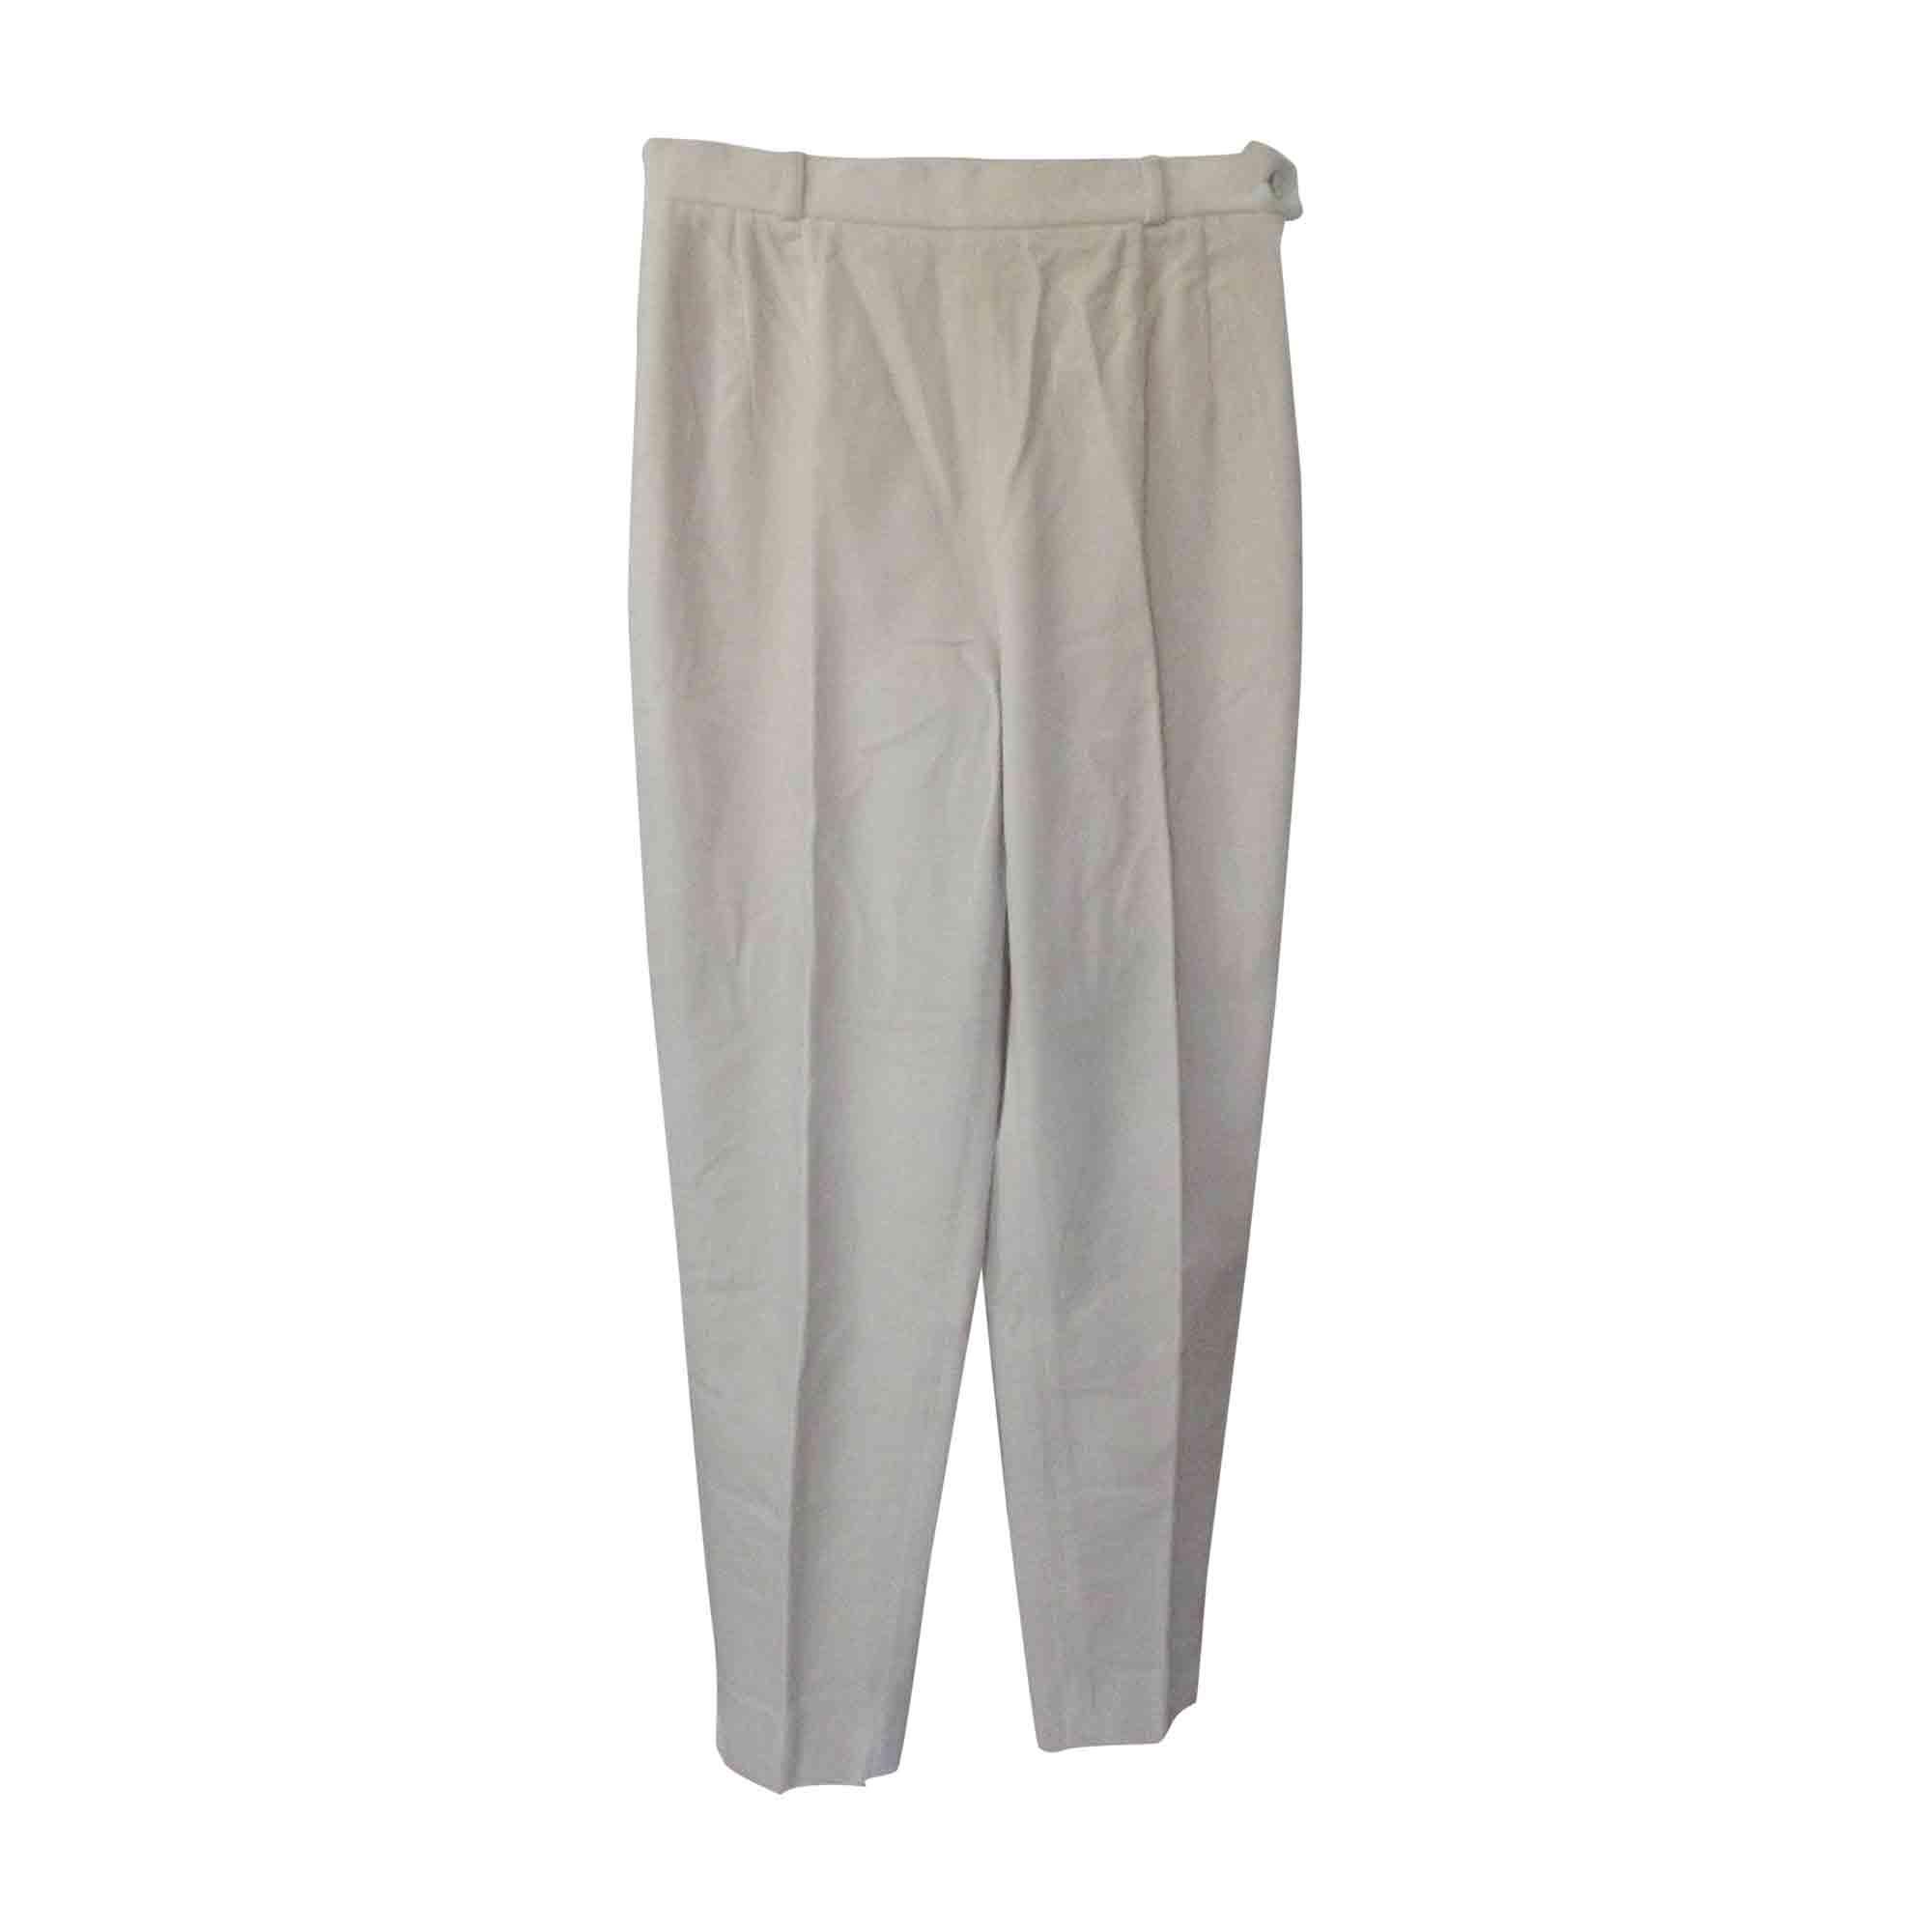 Pantalon droit KENZO Beige, camel